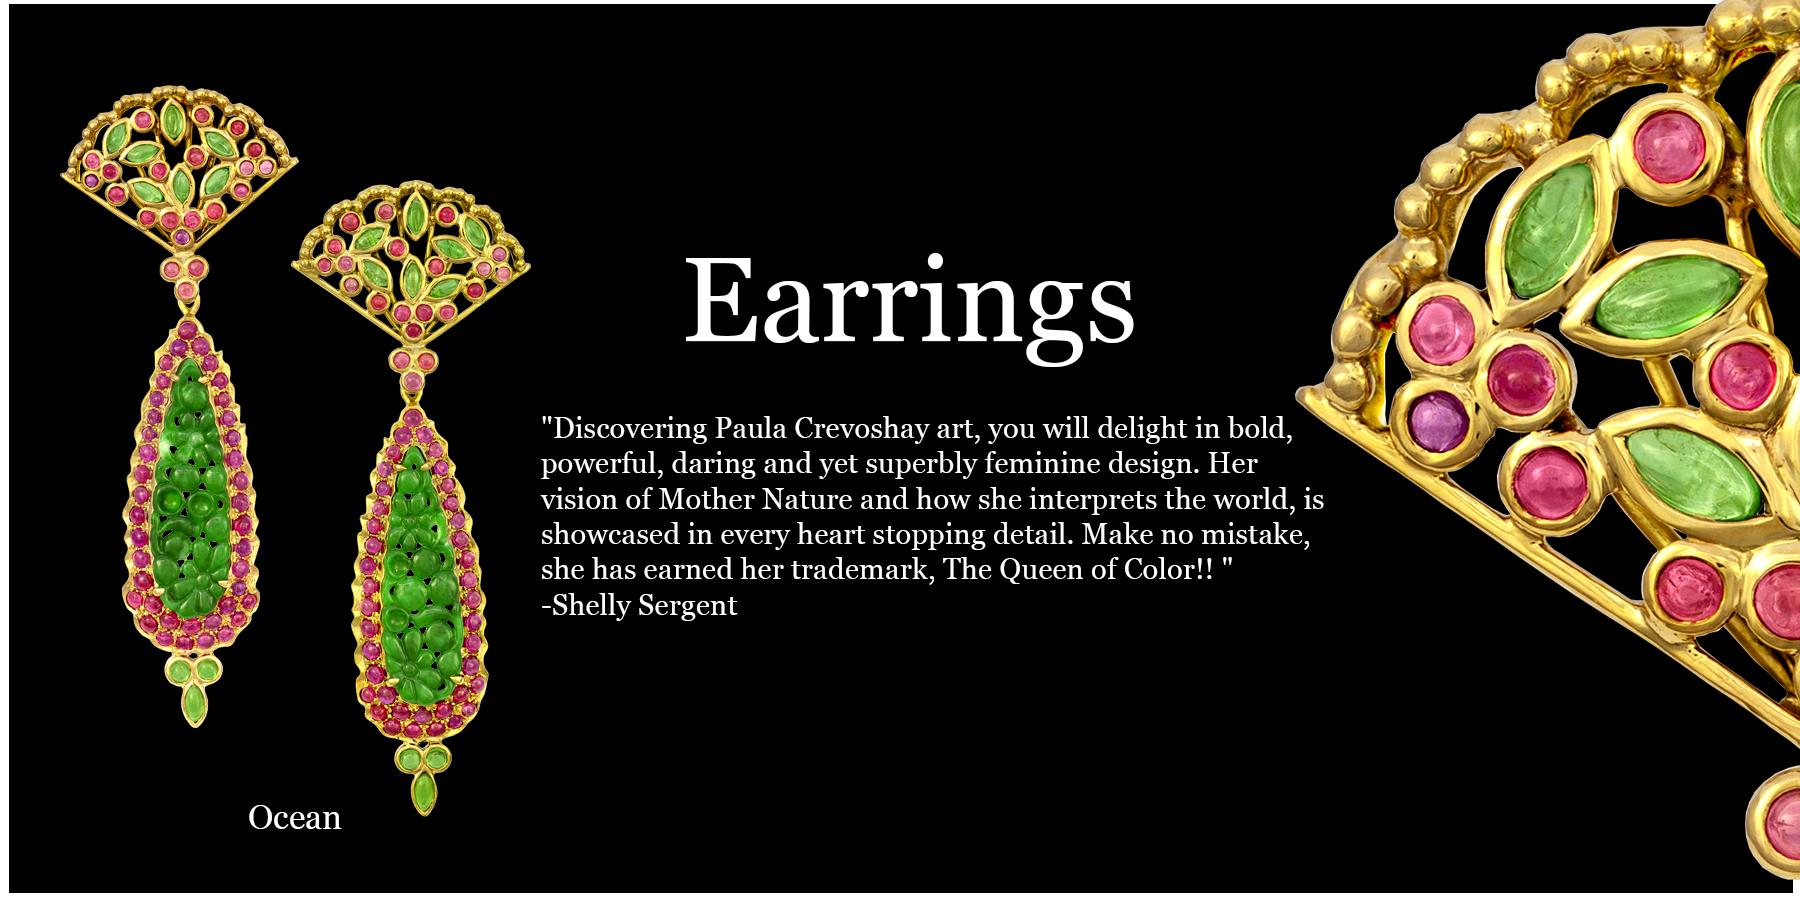 Crevoshay Earrings